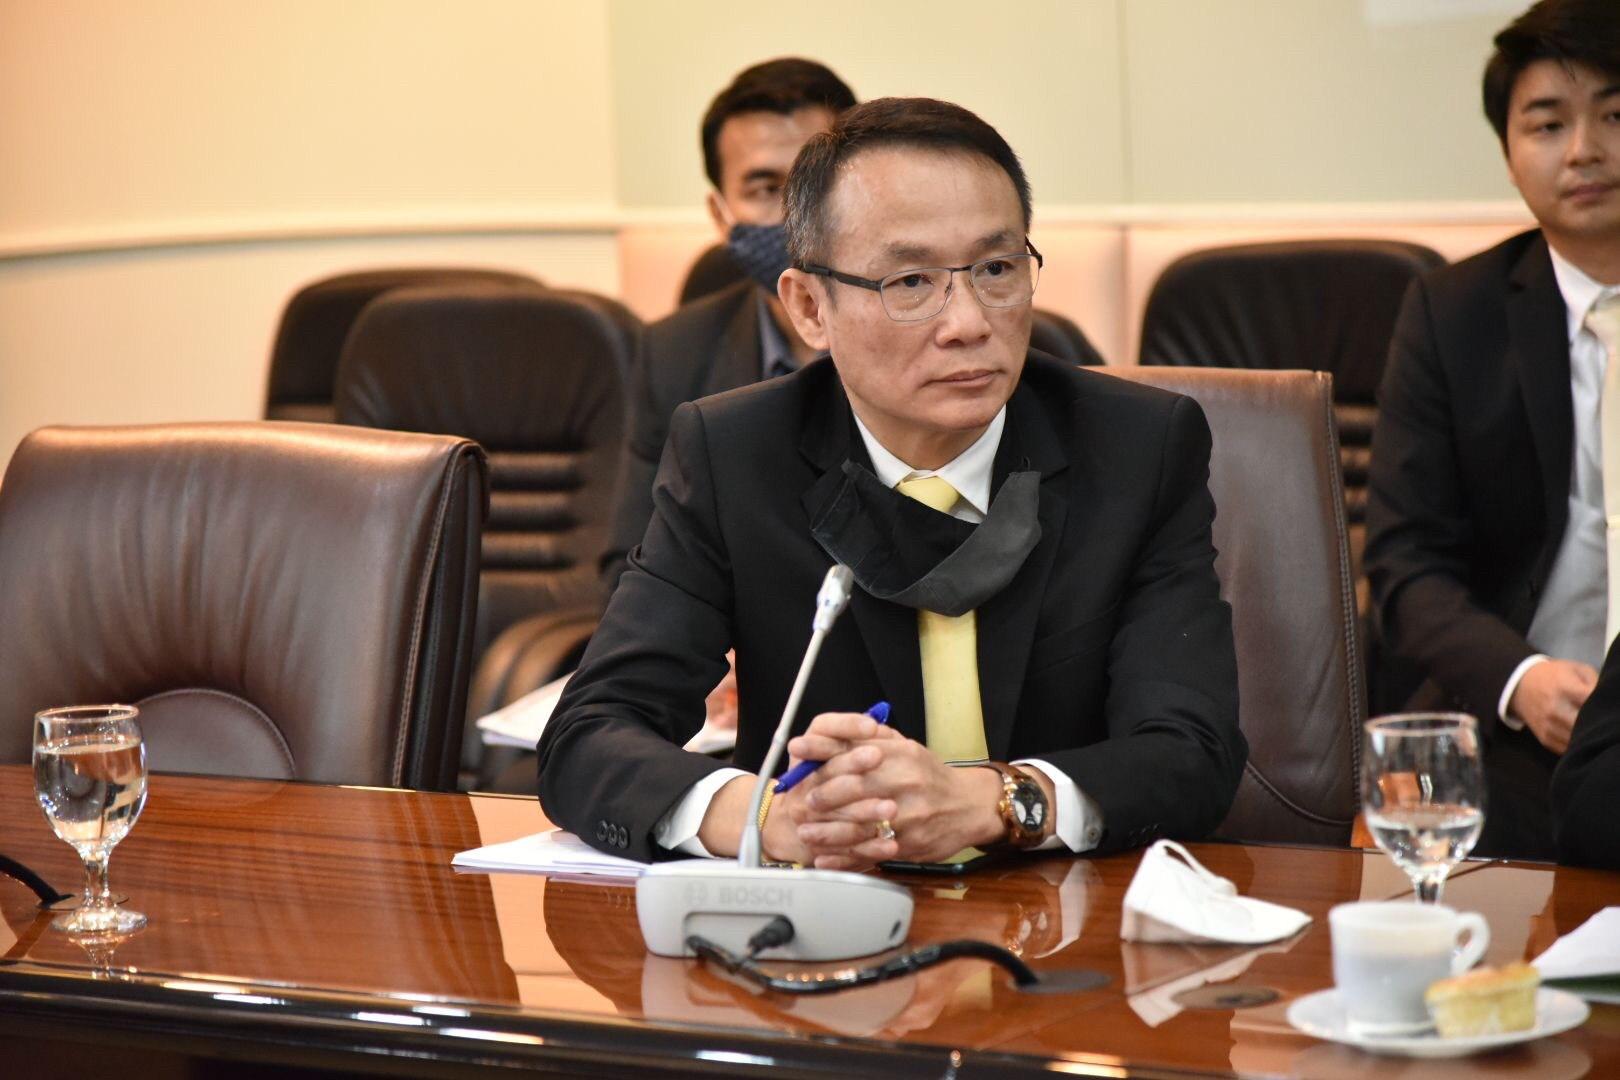 รองอธิบดีกรมการจัดหางาน  ร่วมชี้แจงความคืบหน้าโครงการ JOB EXPO THAILAND 2020ฯ